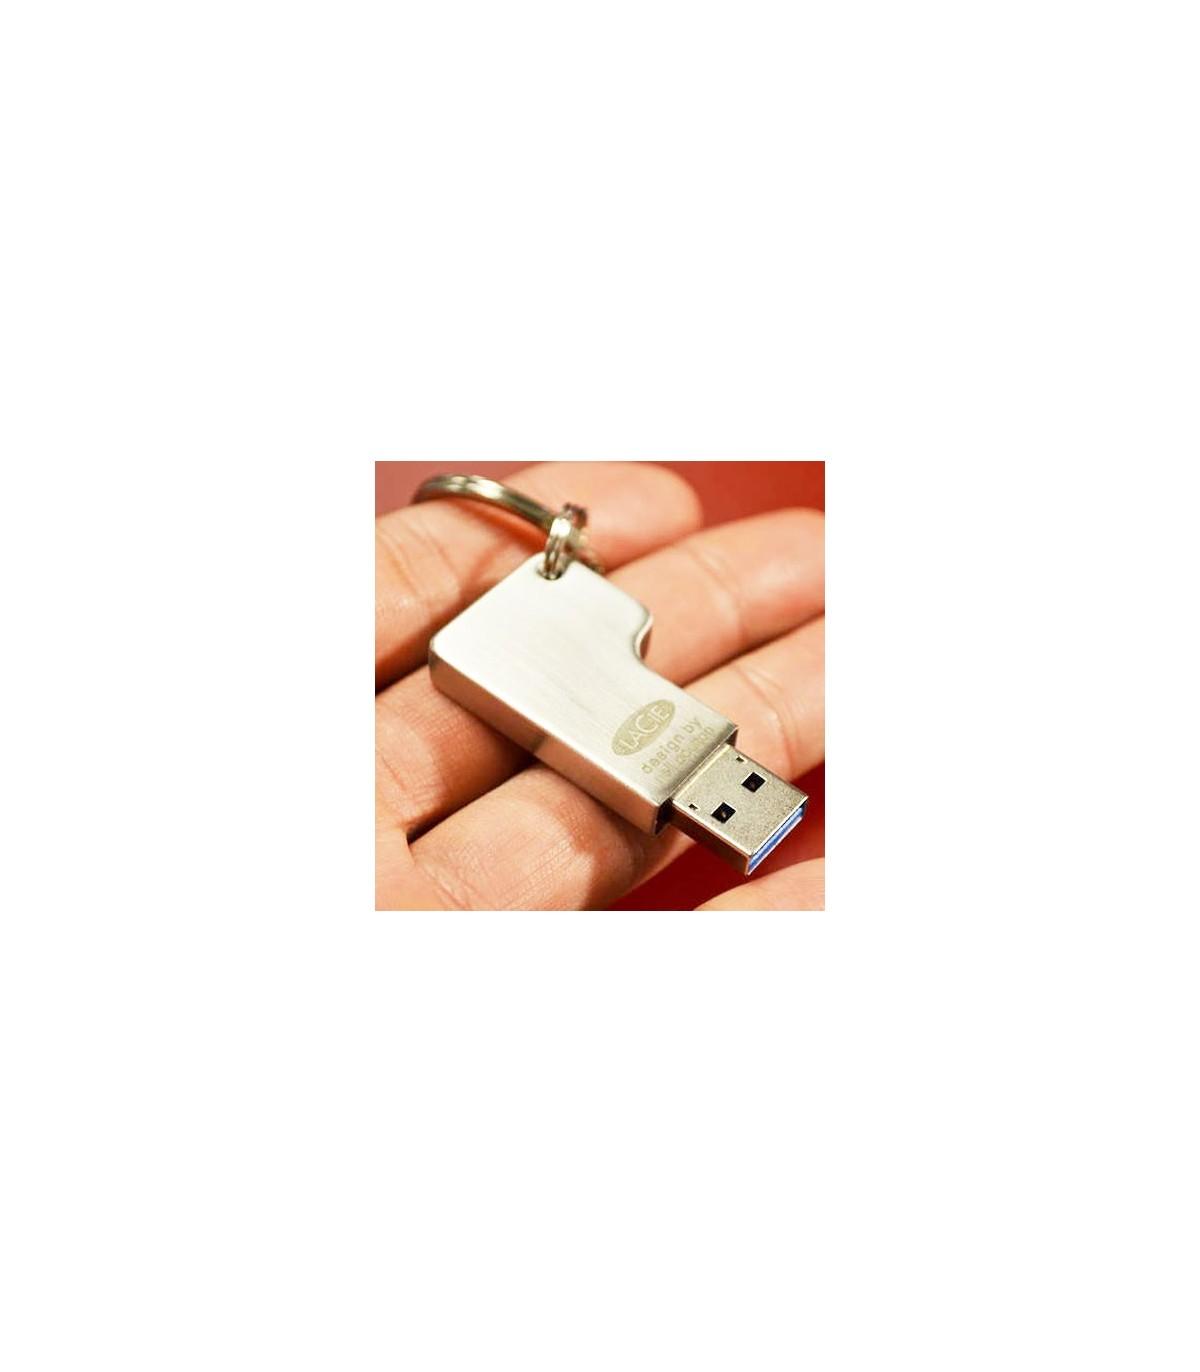 فلش مموری لسی 64 گیگابایت RuggedKey USB 3.0